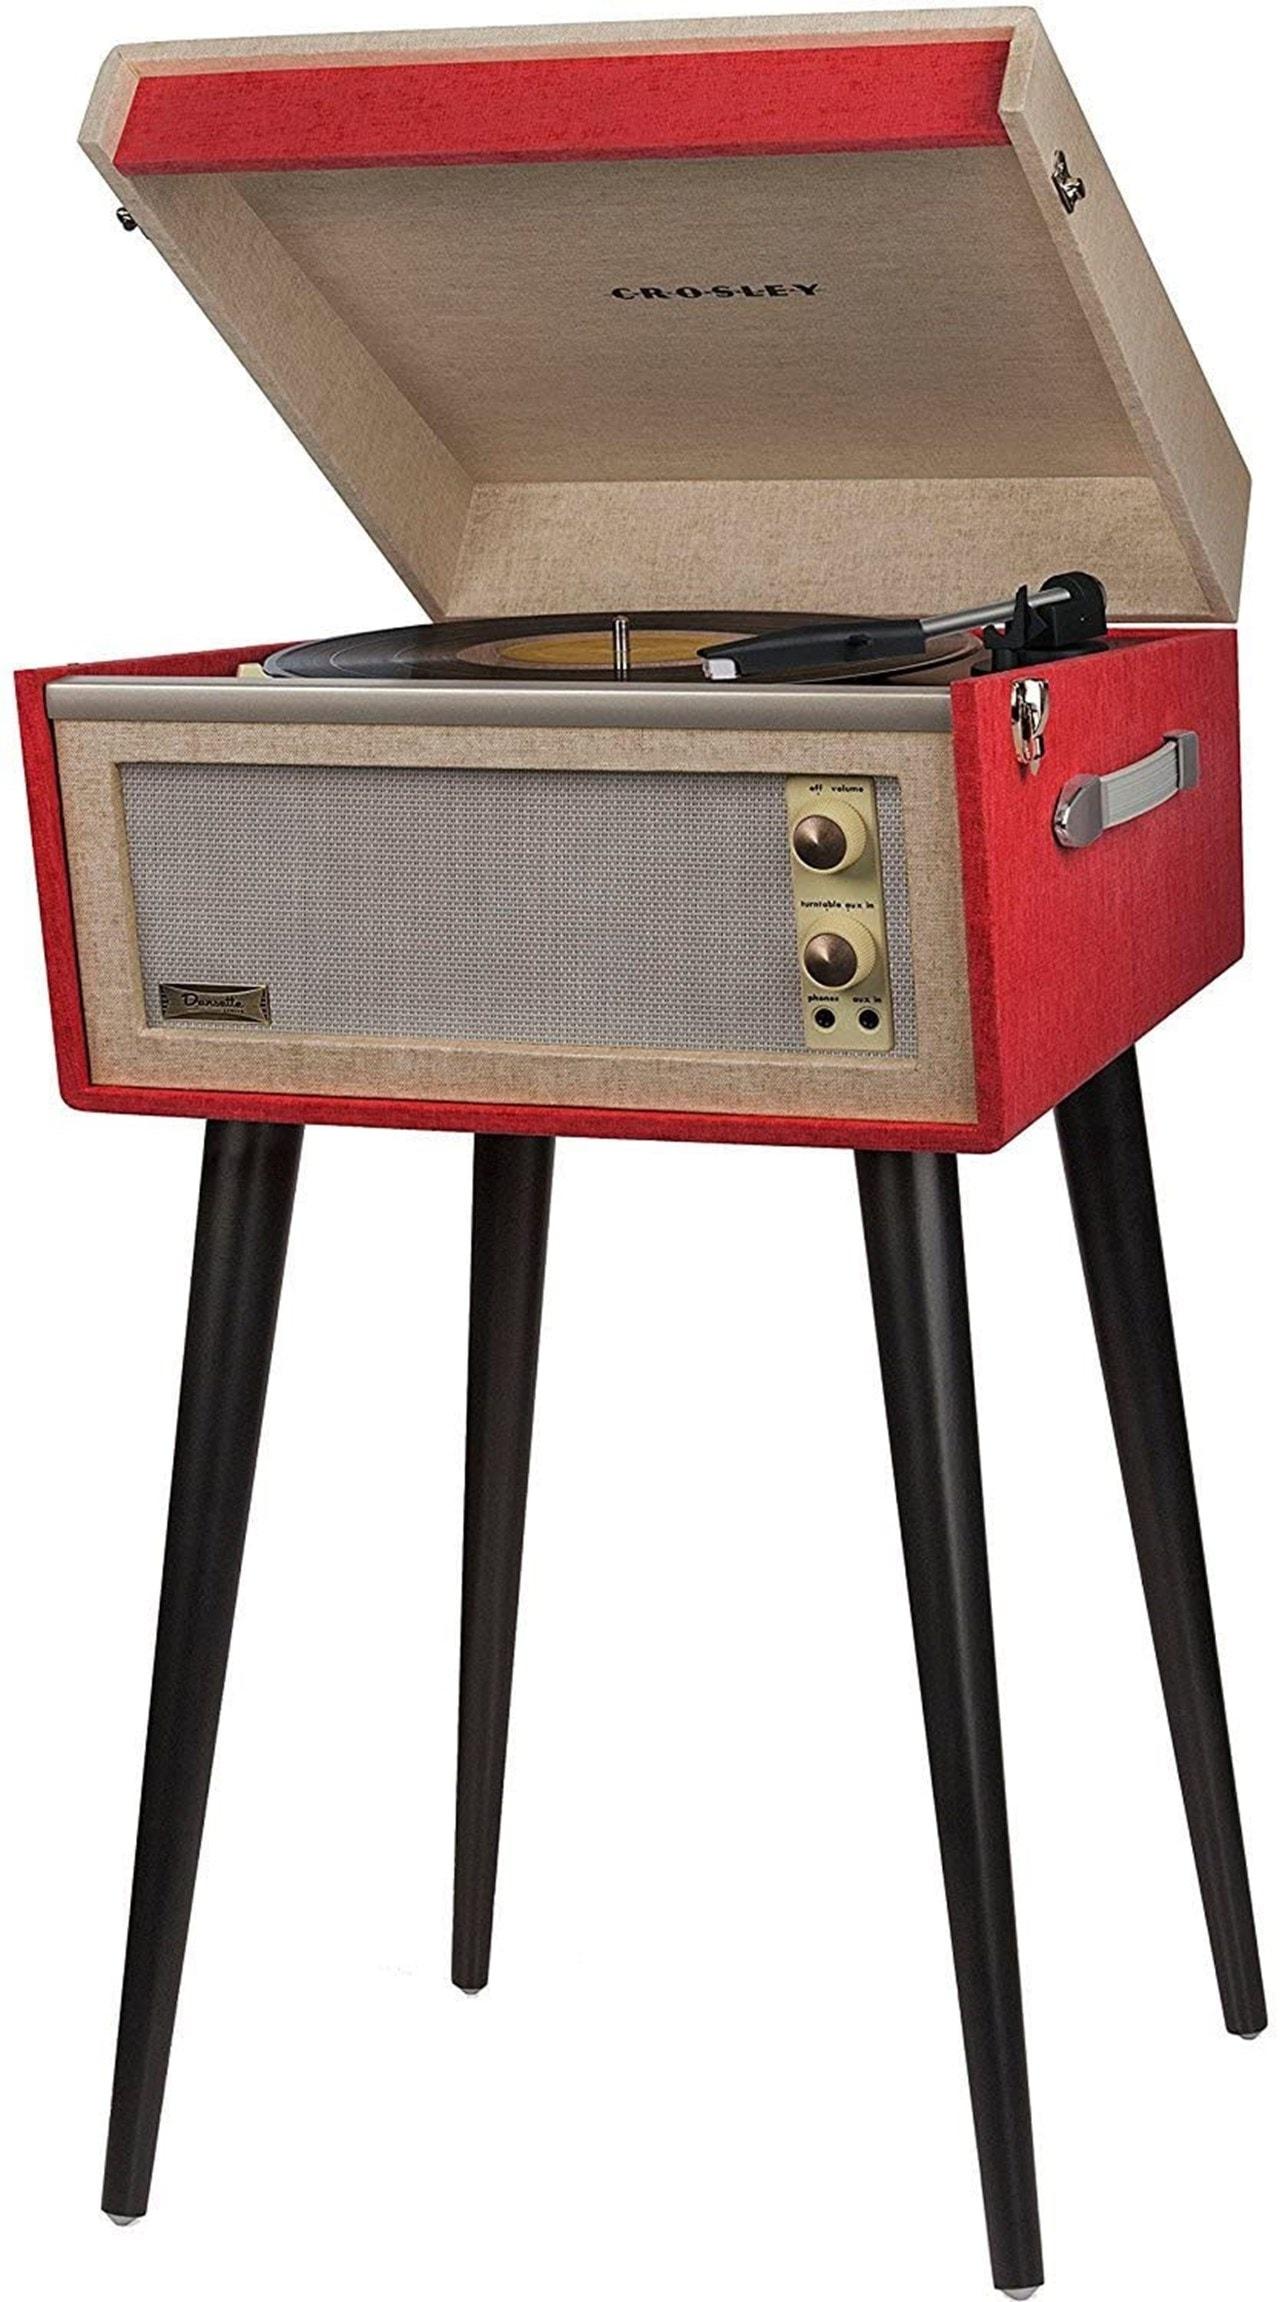 Crosley Bermuda Red Turntable - 1